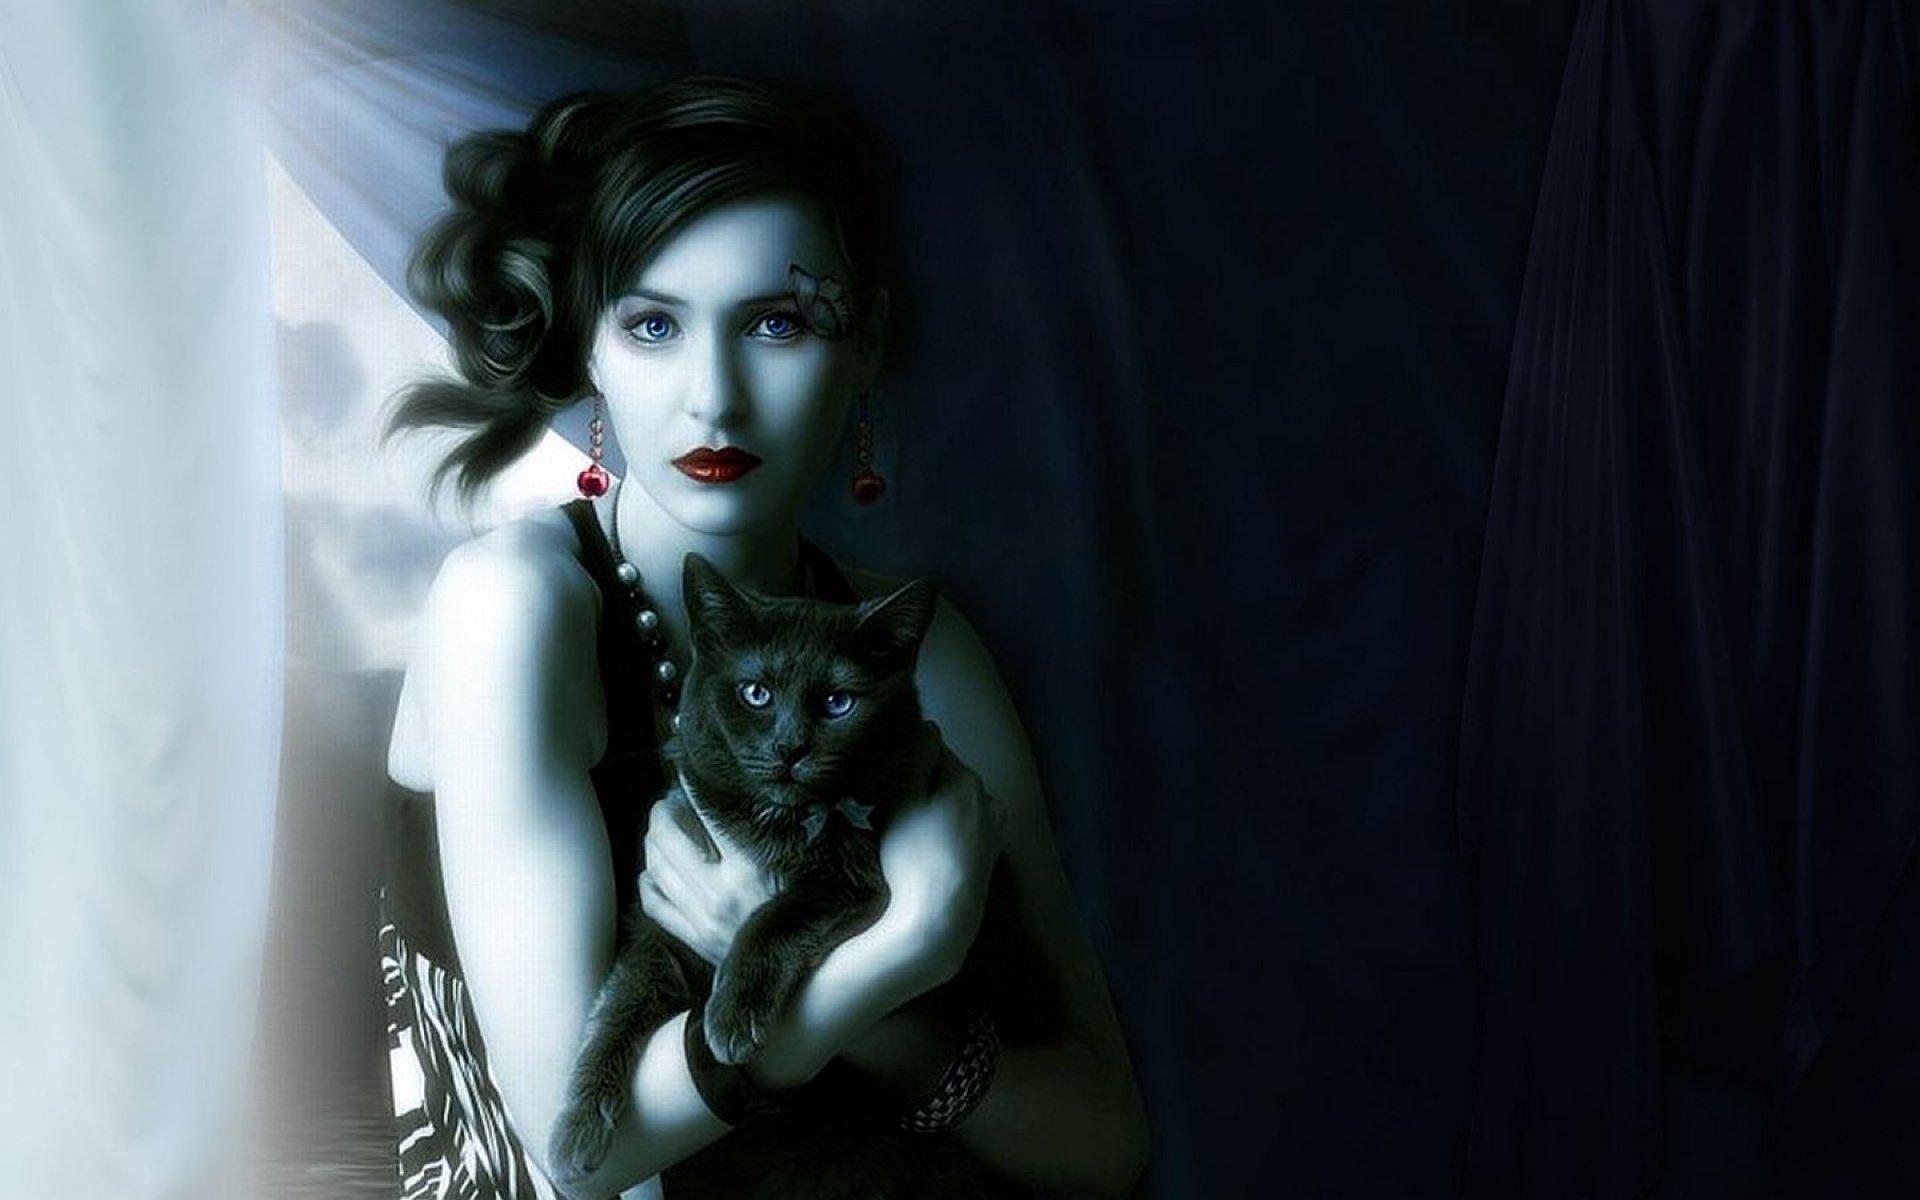 около кошка ведьма картинки работа будет плодотворной